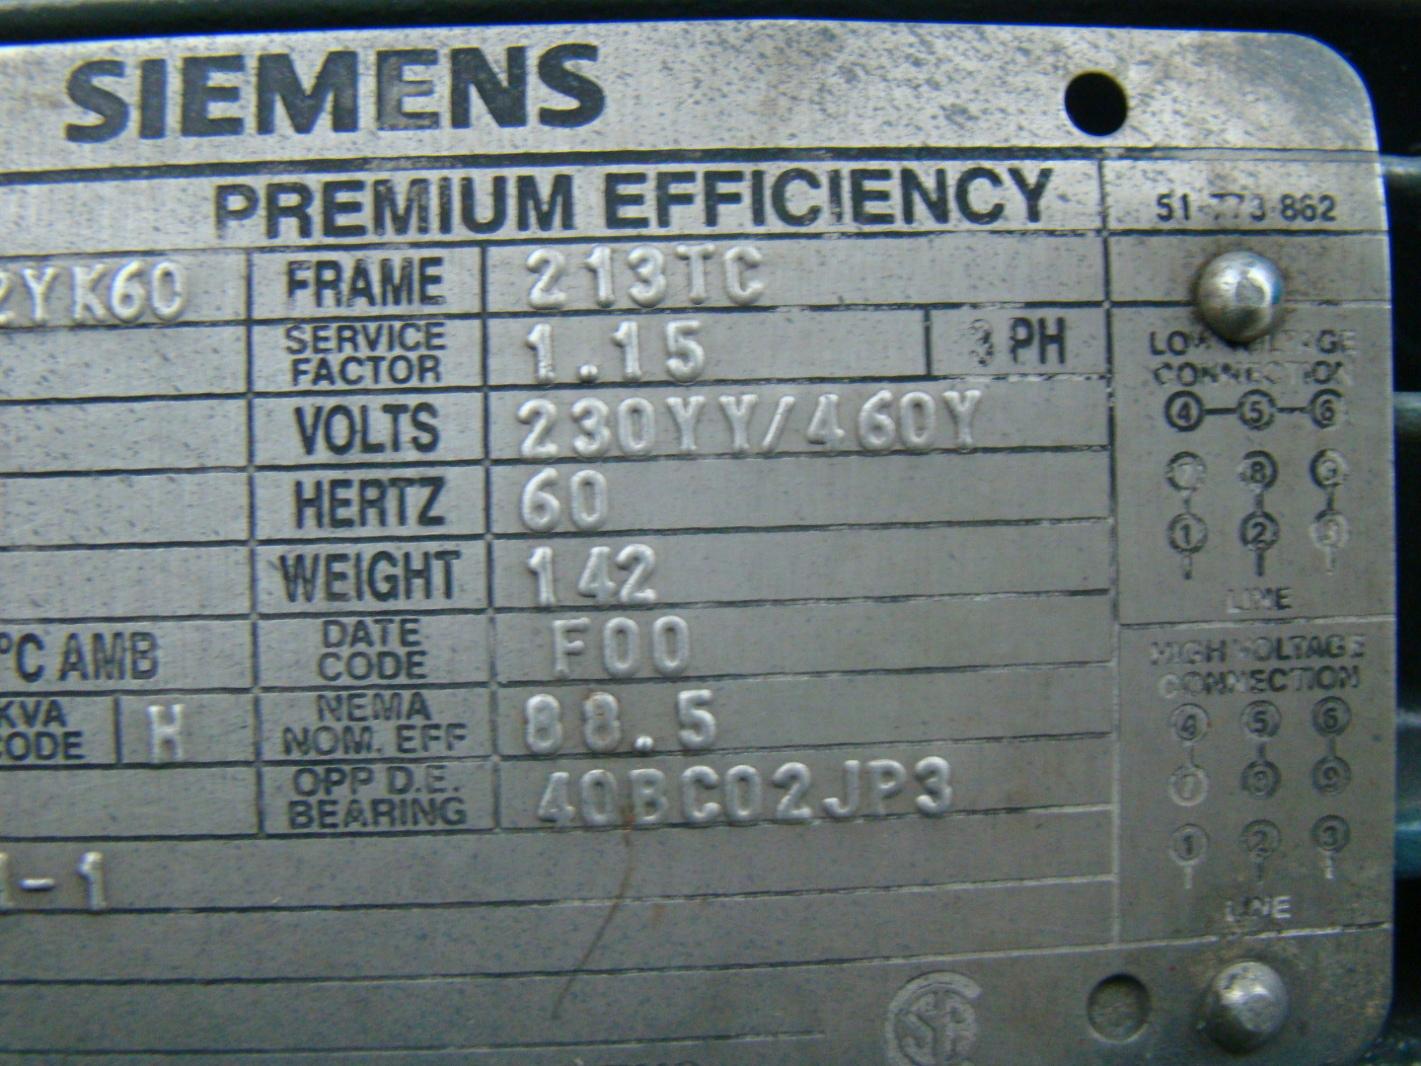 Siemens 7 5hp electric motor 230 460 r6zesd metpro pump for 10 hp motor weight